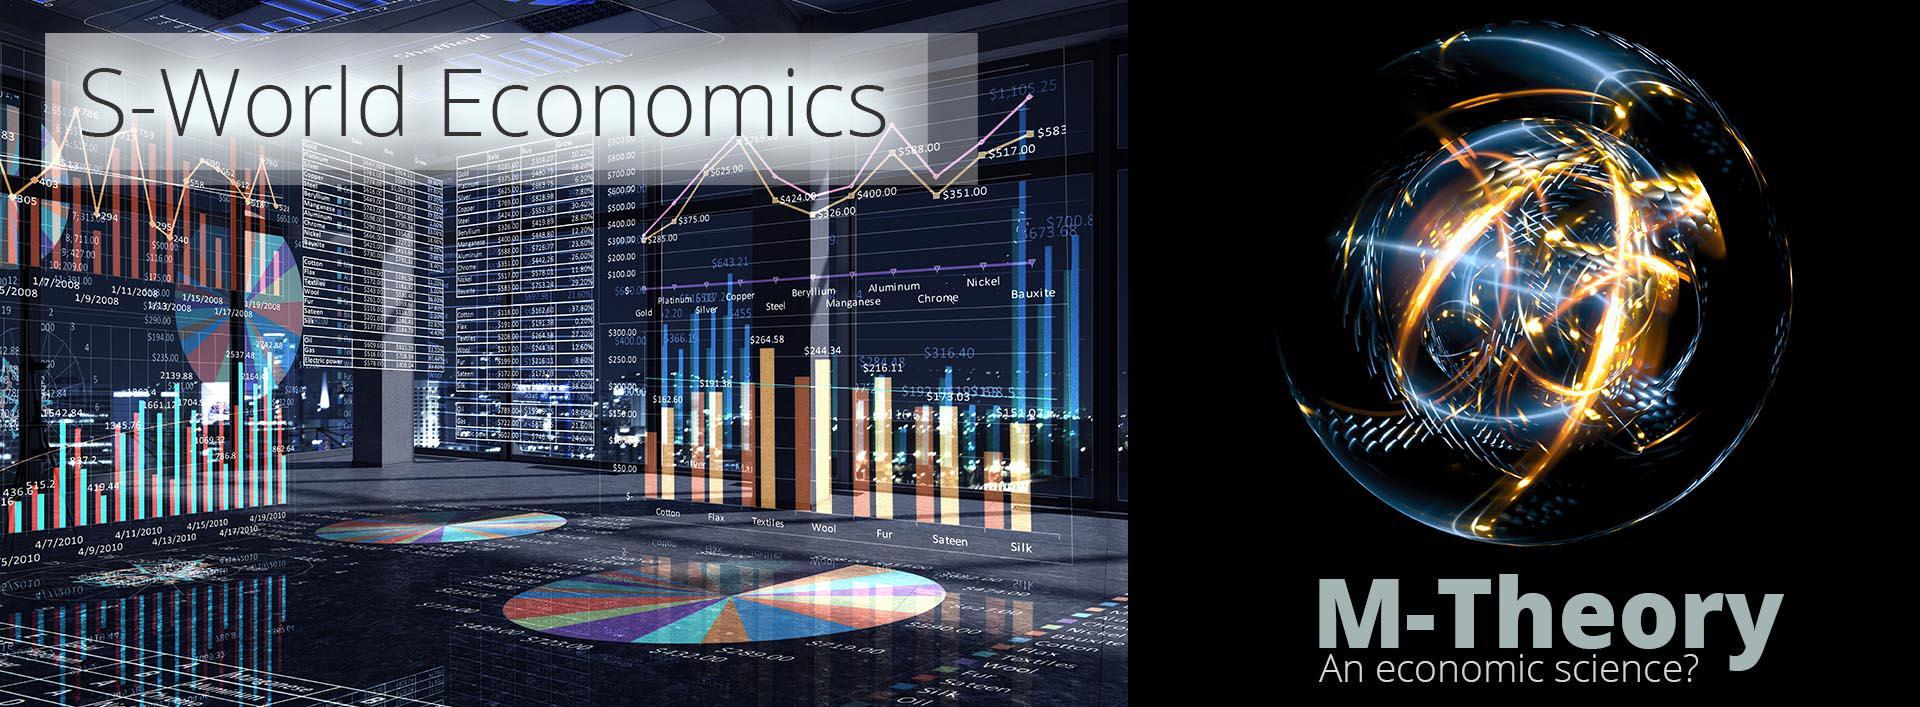 S-World Economics